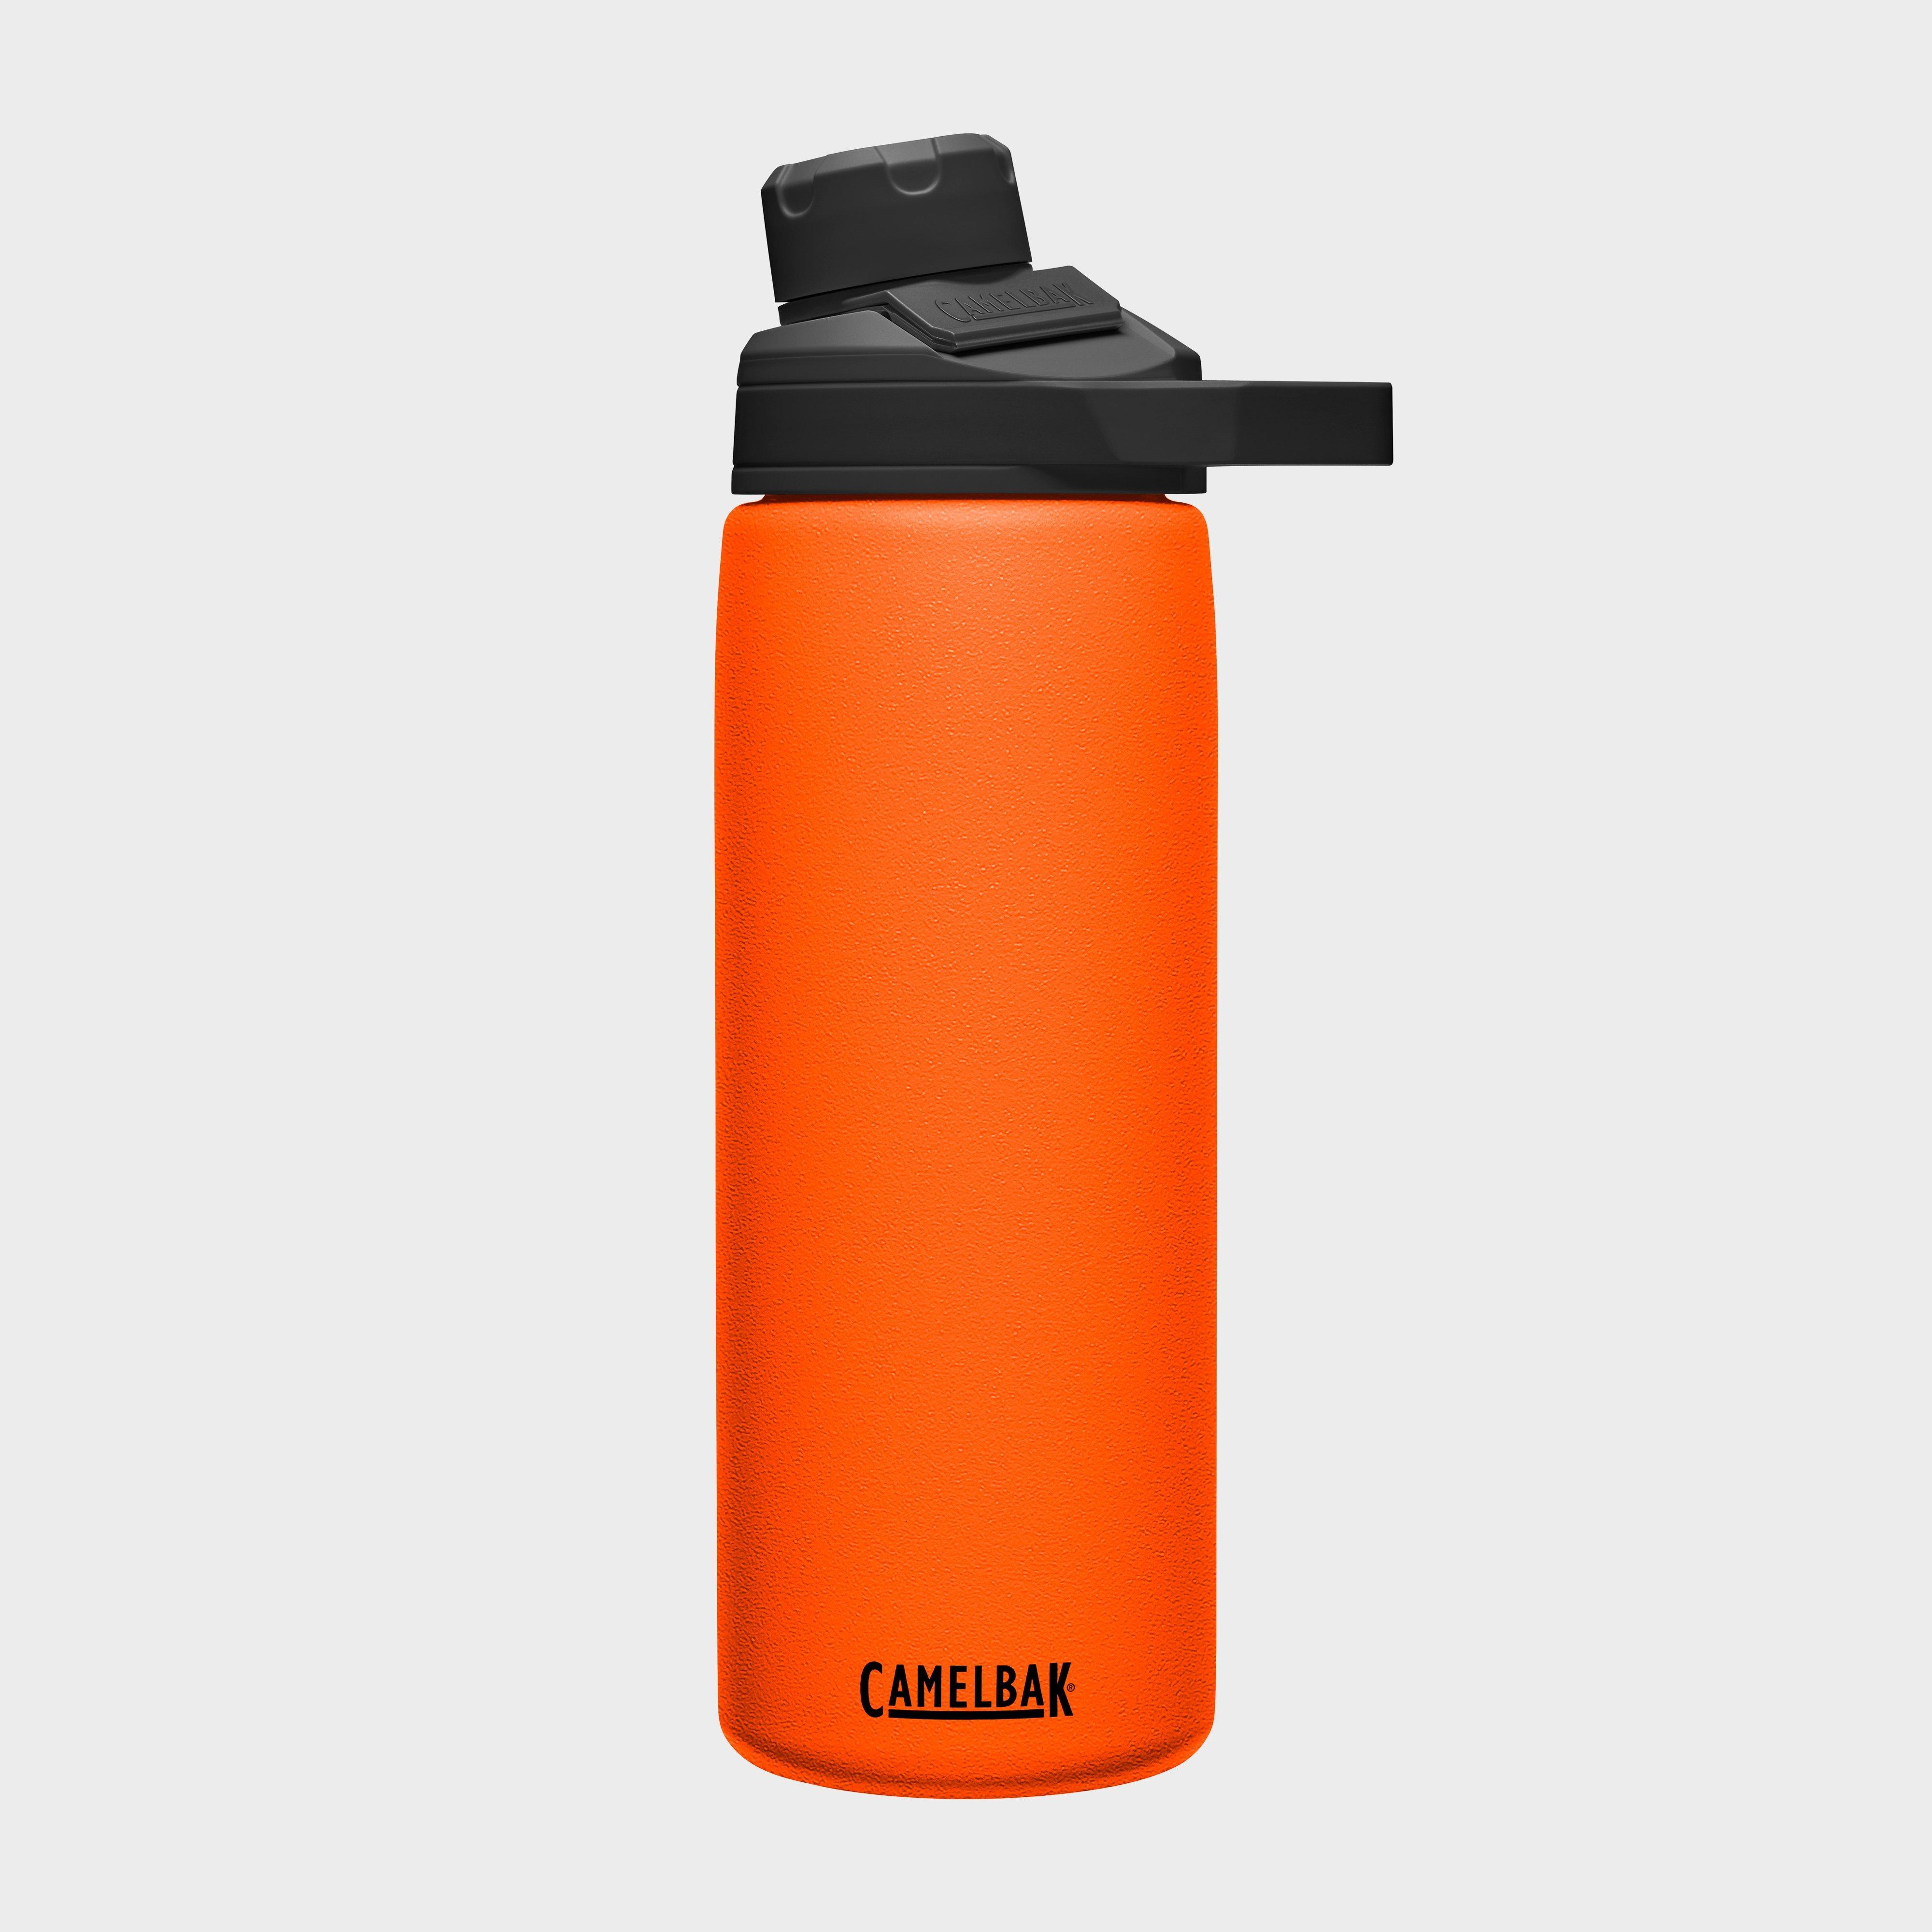 Camelbak Camelbak Chute Mag Vacuum Bottle 0.6 Litre, Orange